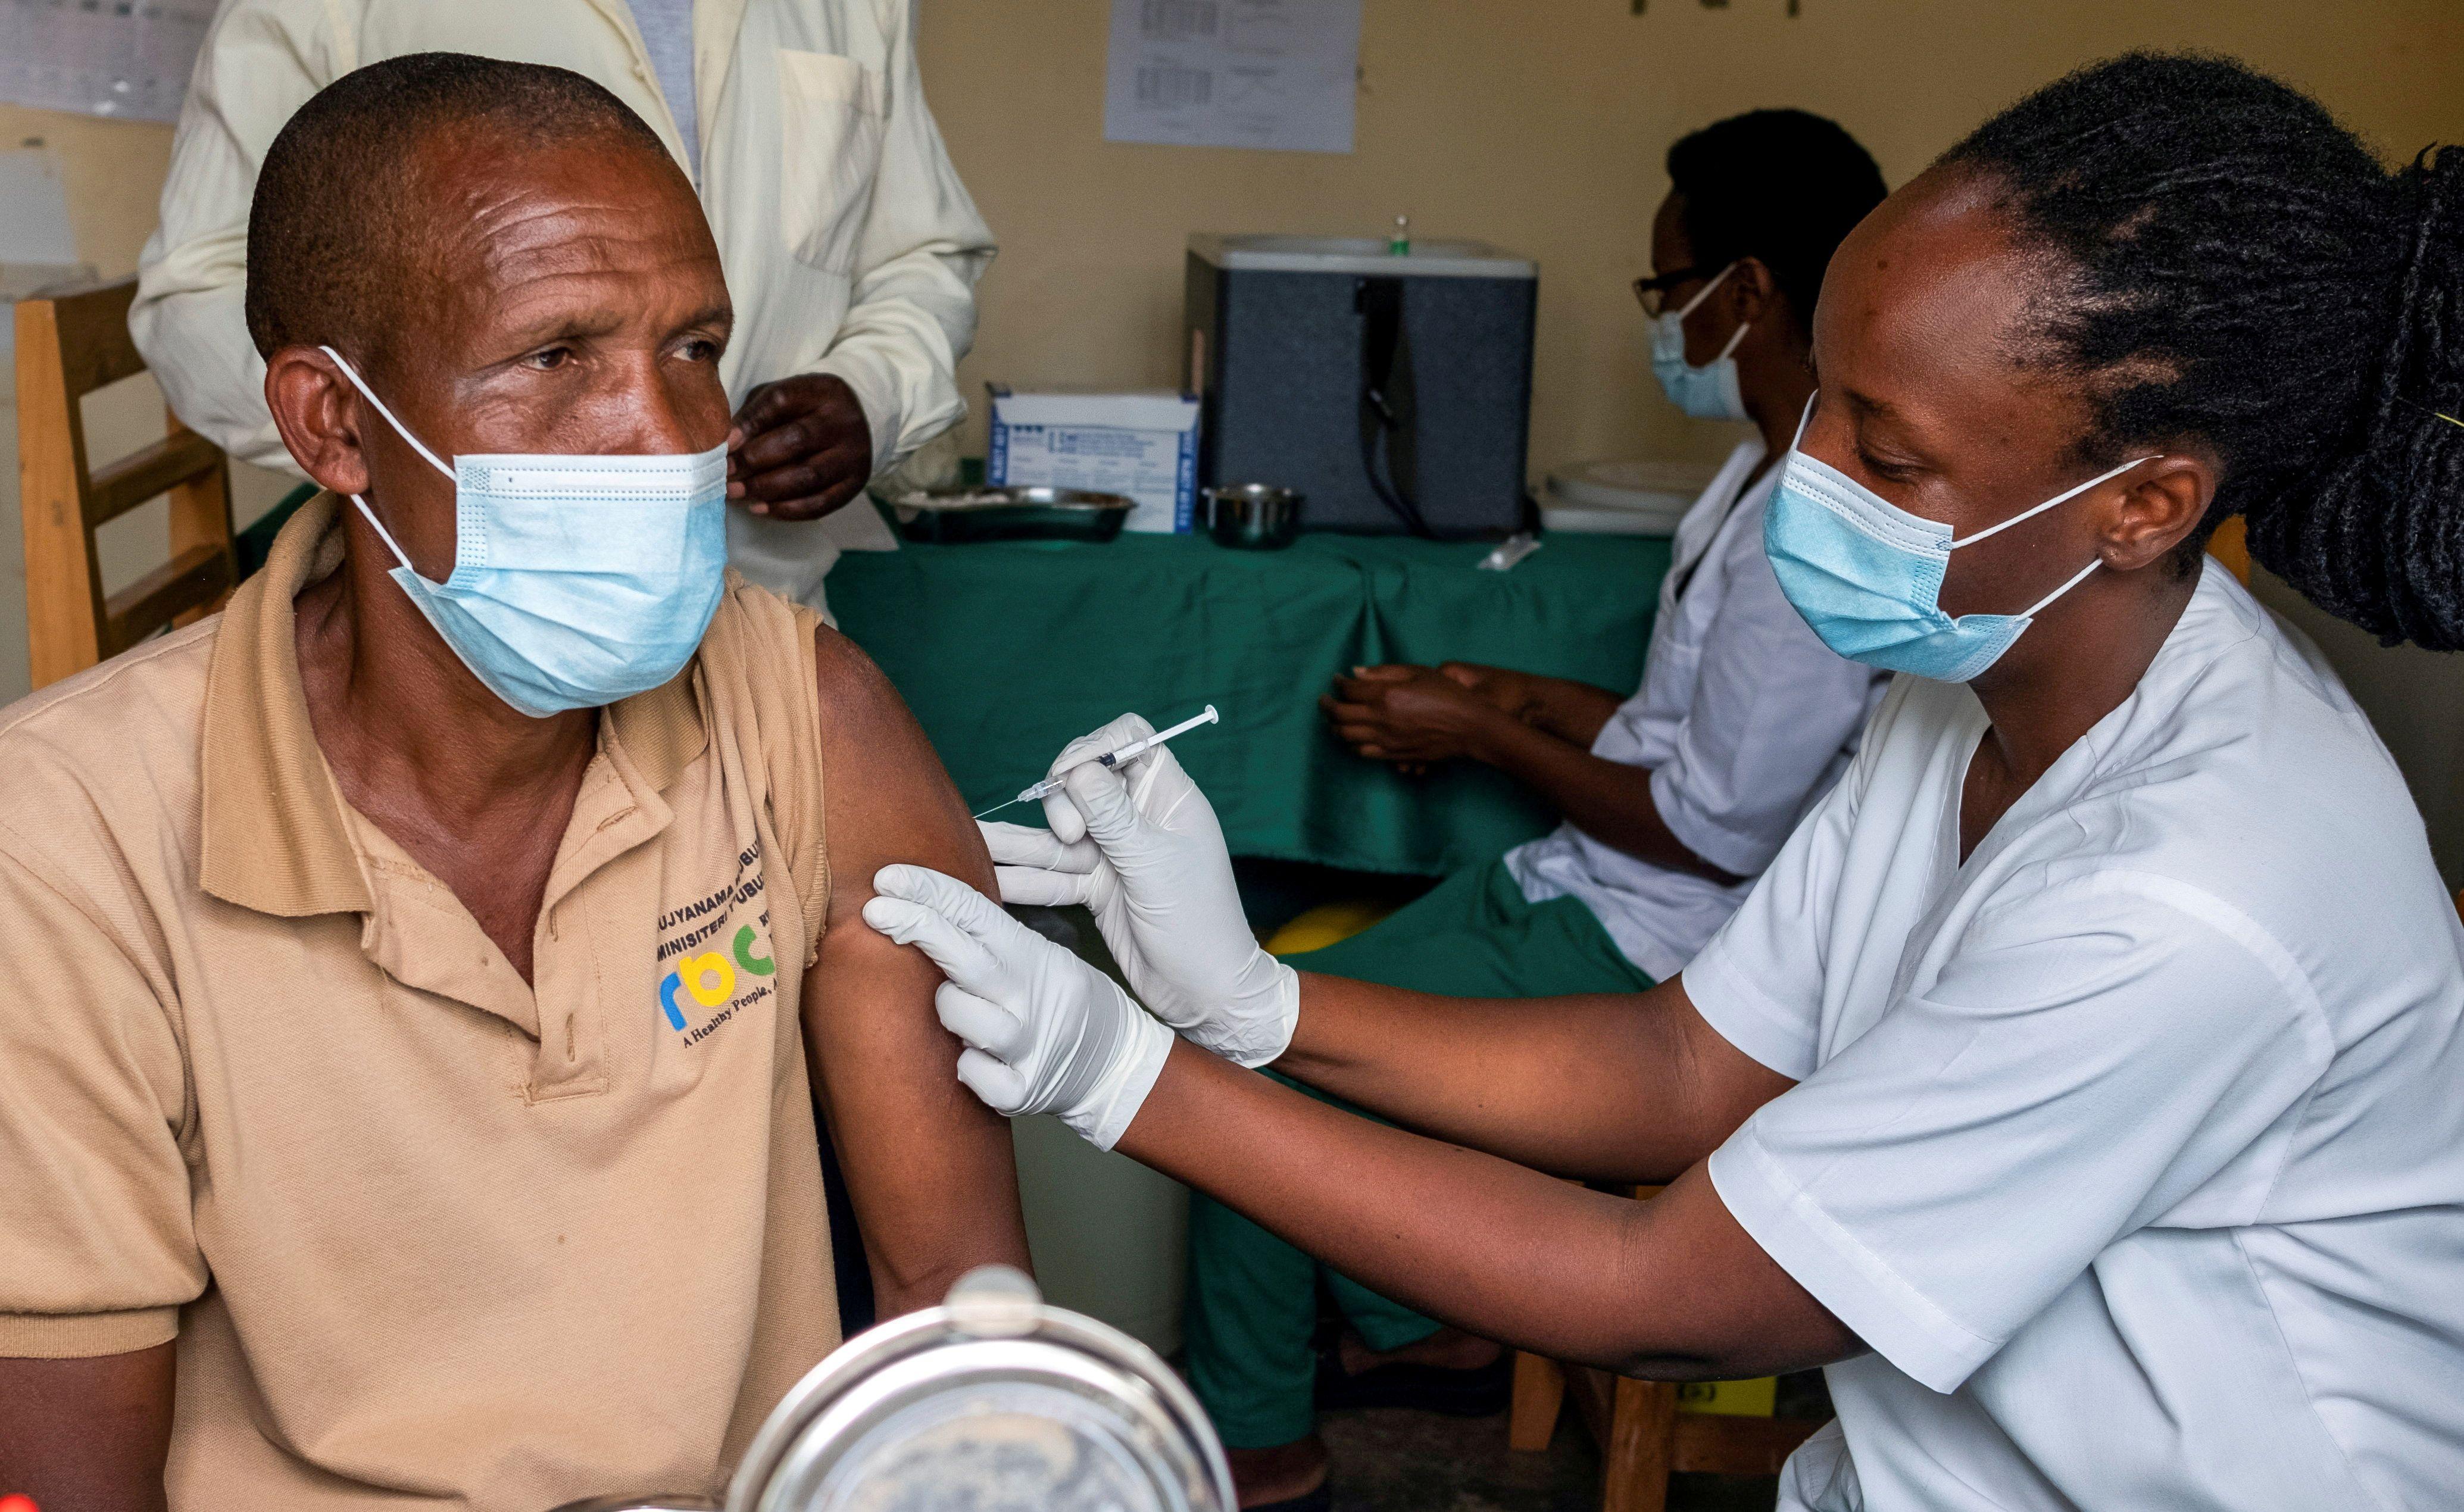 Un hombre recibe una dosis de vacuna contra el COVID-19 en el hospital Kigali de Ruanda (REUTERS/Jean Bizimana/File Photo)